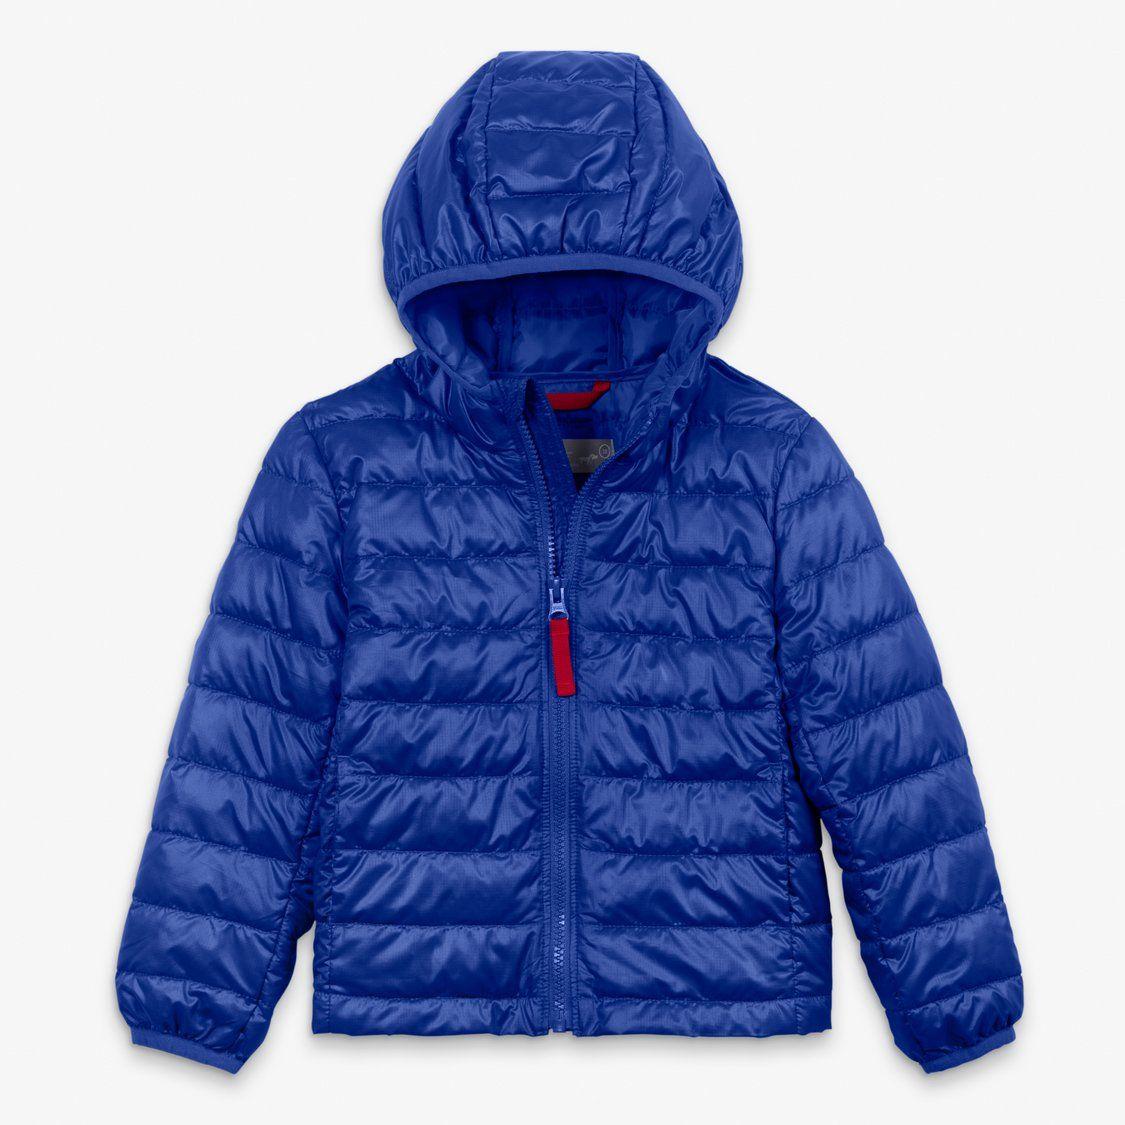 Kids Lightweight Puffer Jacket Kids Puffers I Primary Com Kids Fall Jackets Puffer Jackets Girls Puffer Coat [ 1125 x 1125 Pixel ]